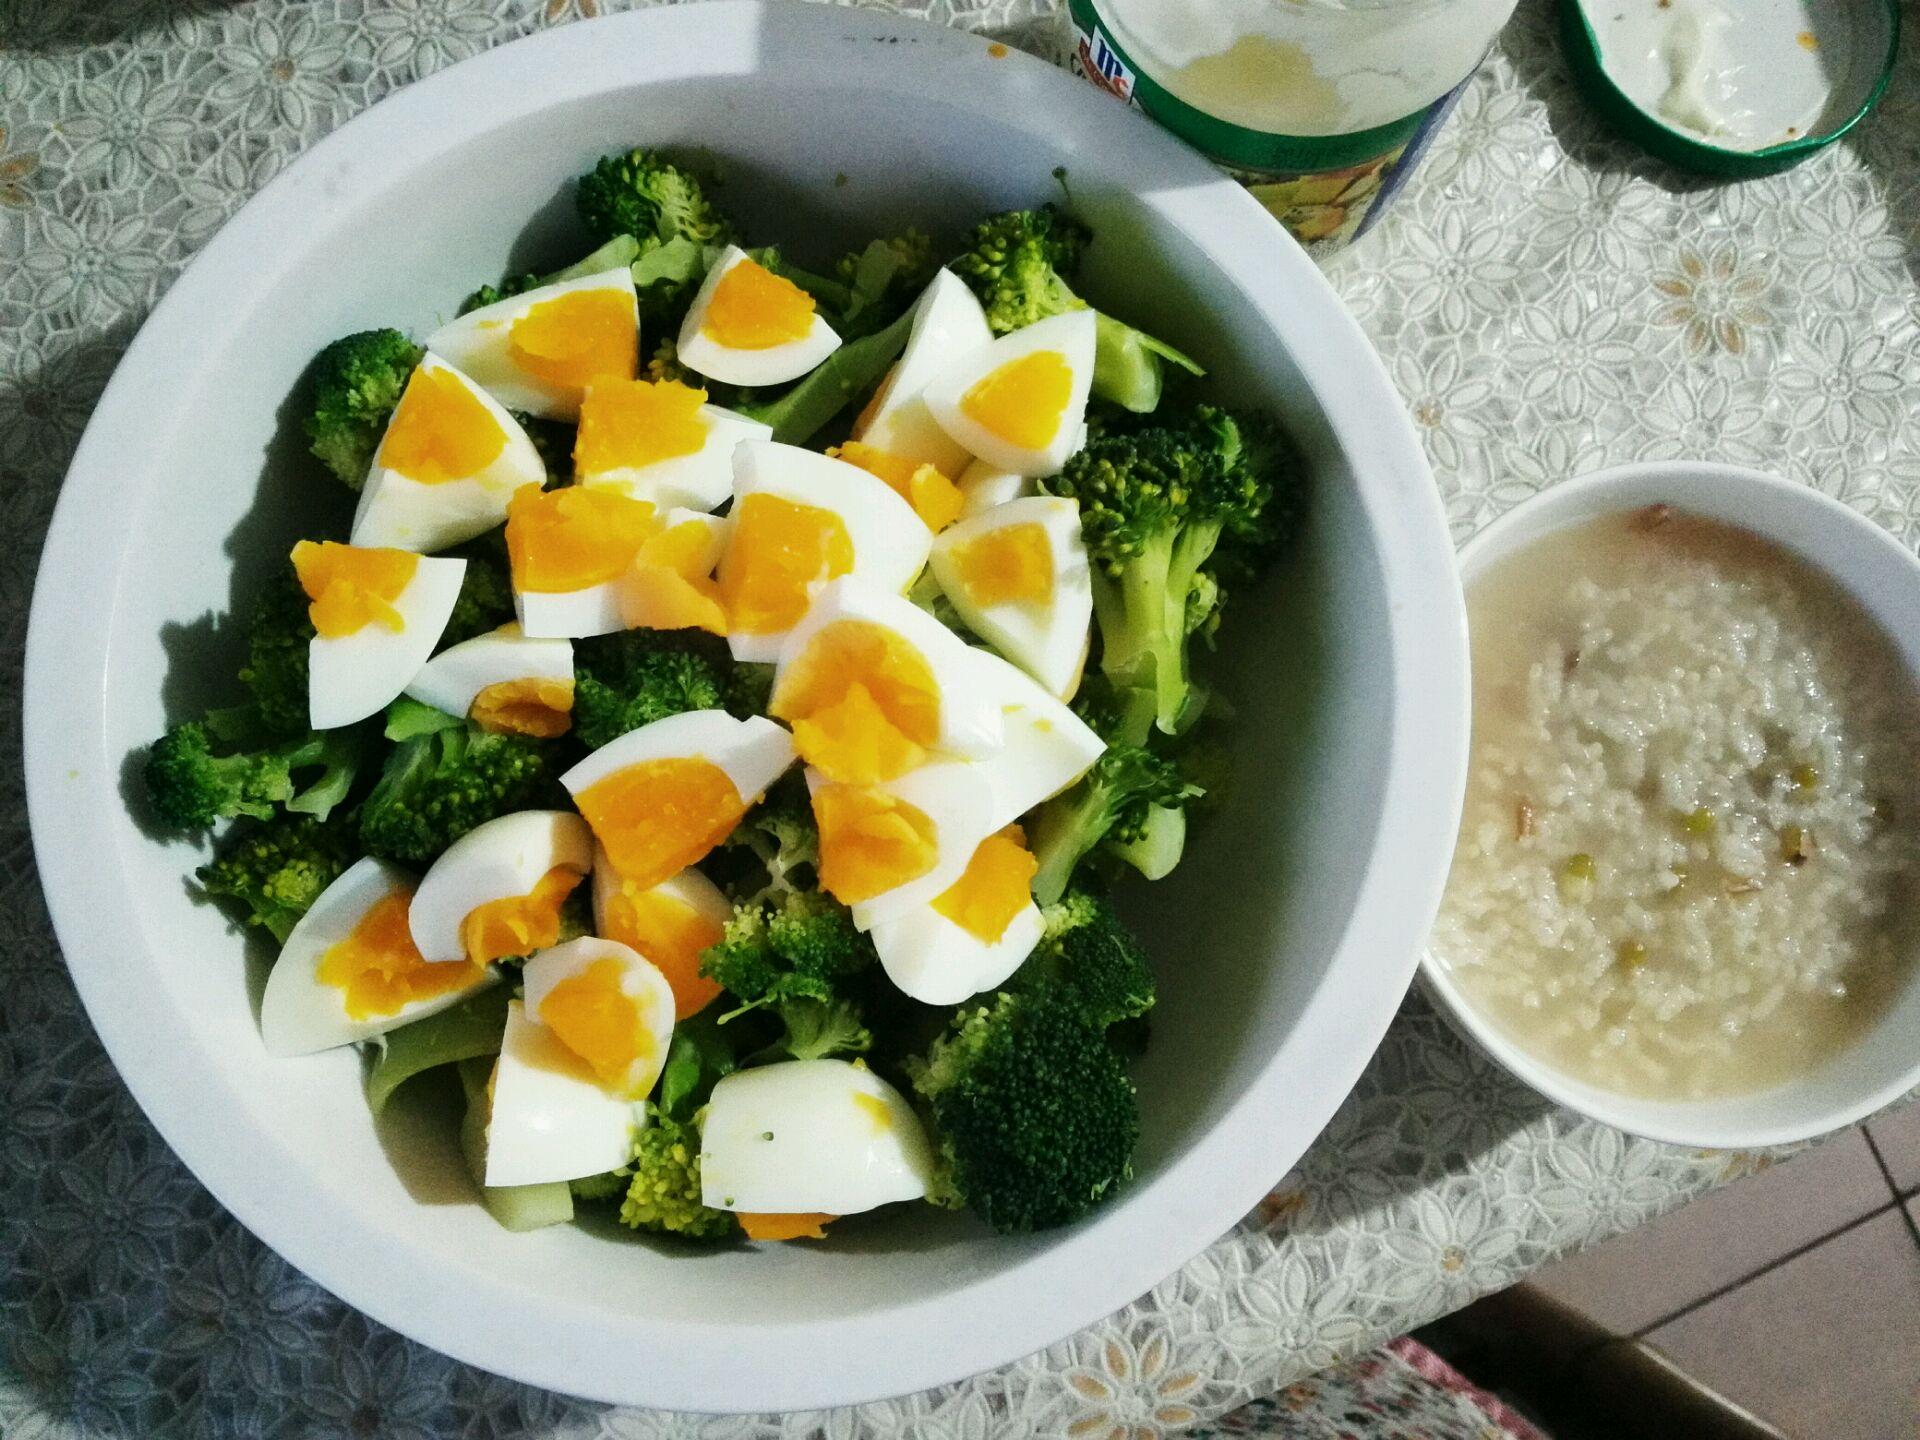 晚餐吃鸡蛋减肥吗_减肥晚餐,当然,做早餐也是可以的,西南花含有丰富的维生素,鸡蛋含有